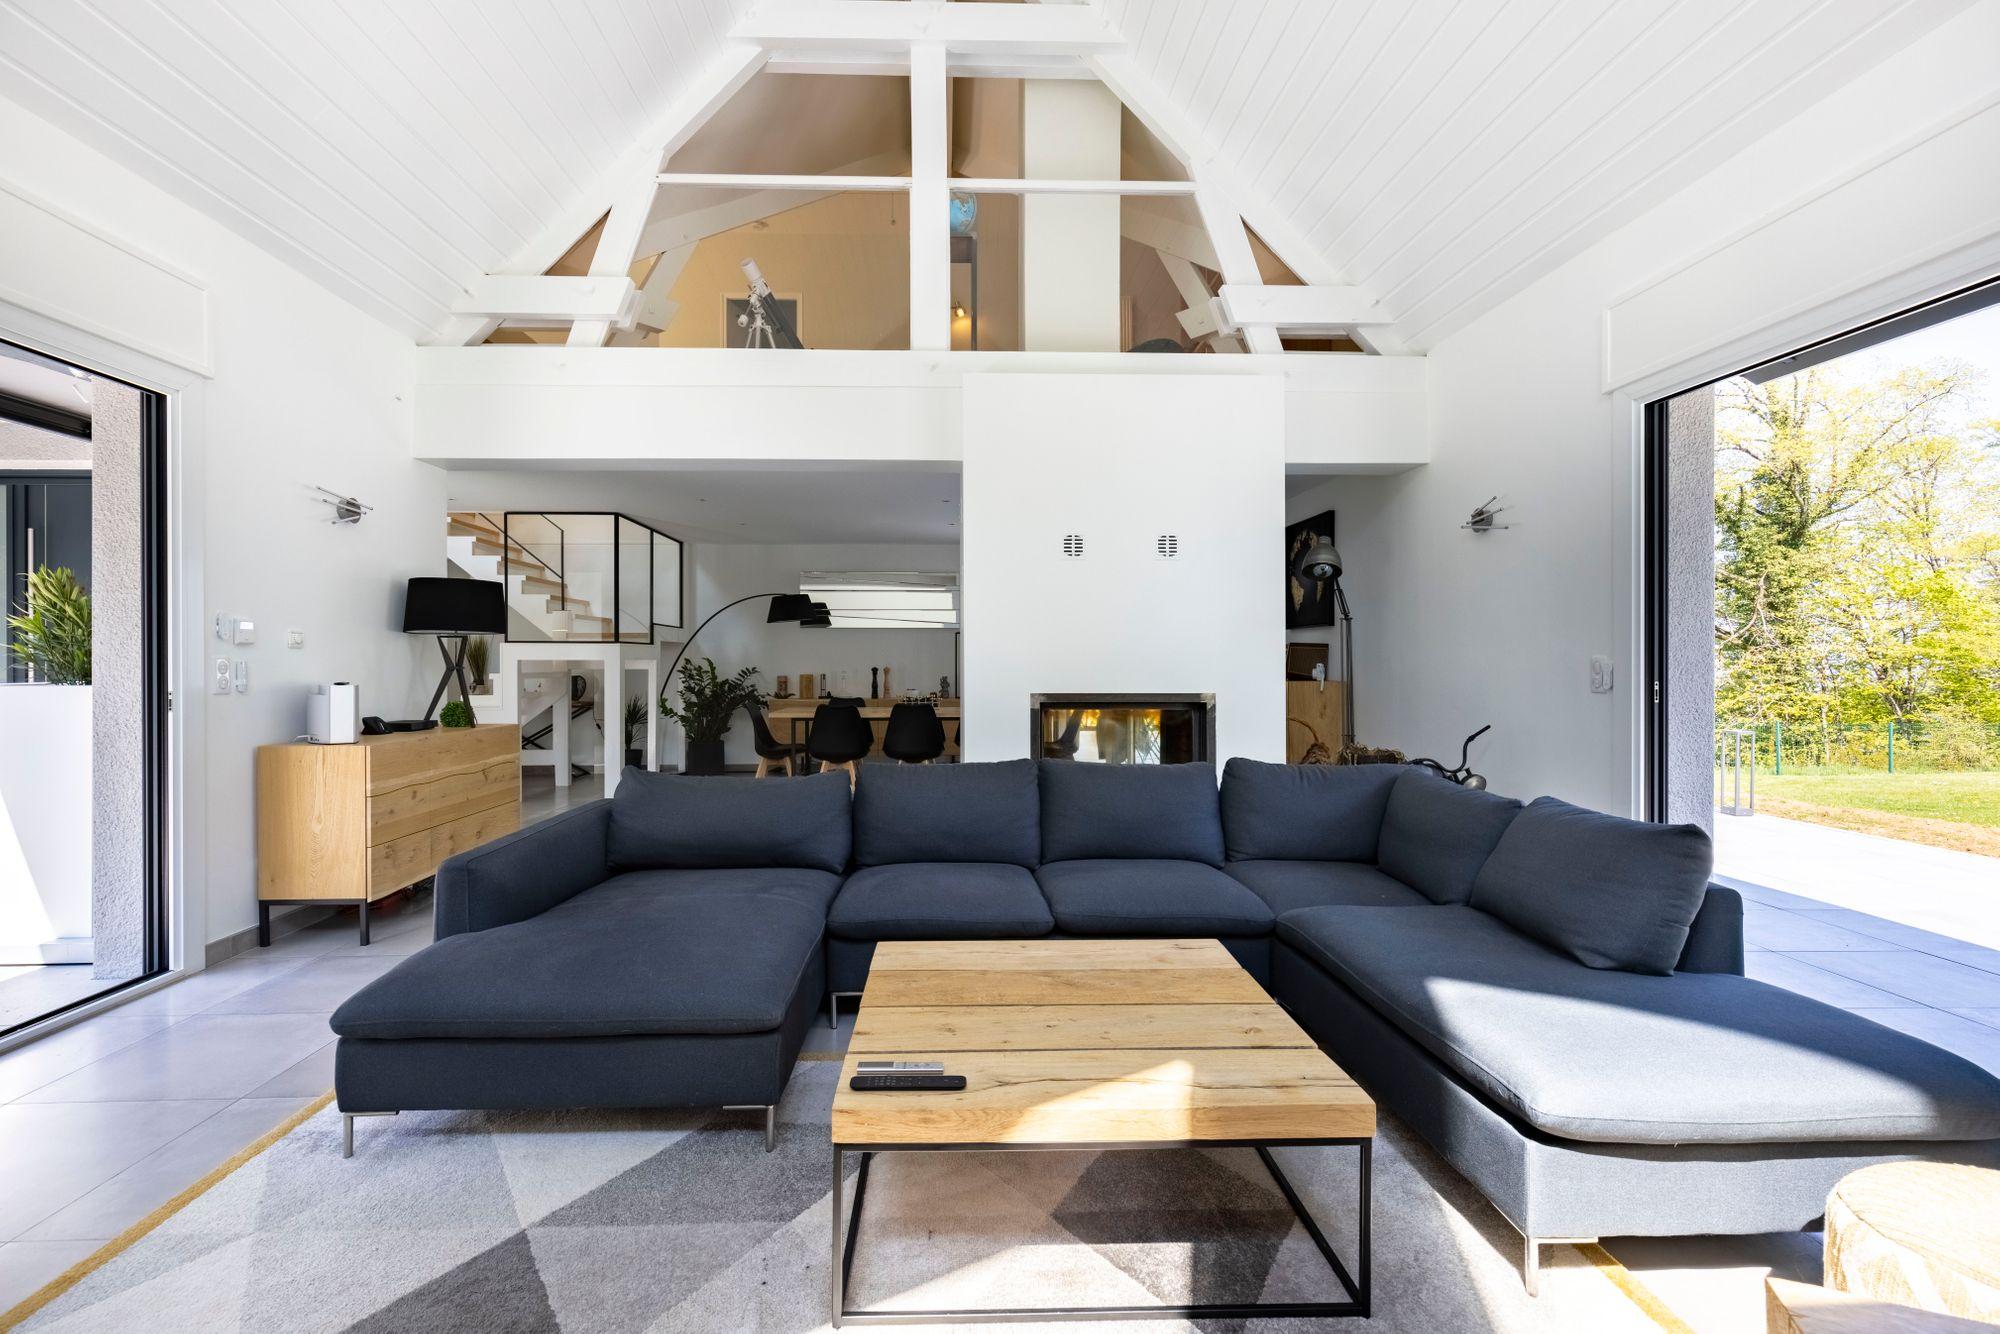 Économie : l'immobilier s'emballe dans le Grand Besançon